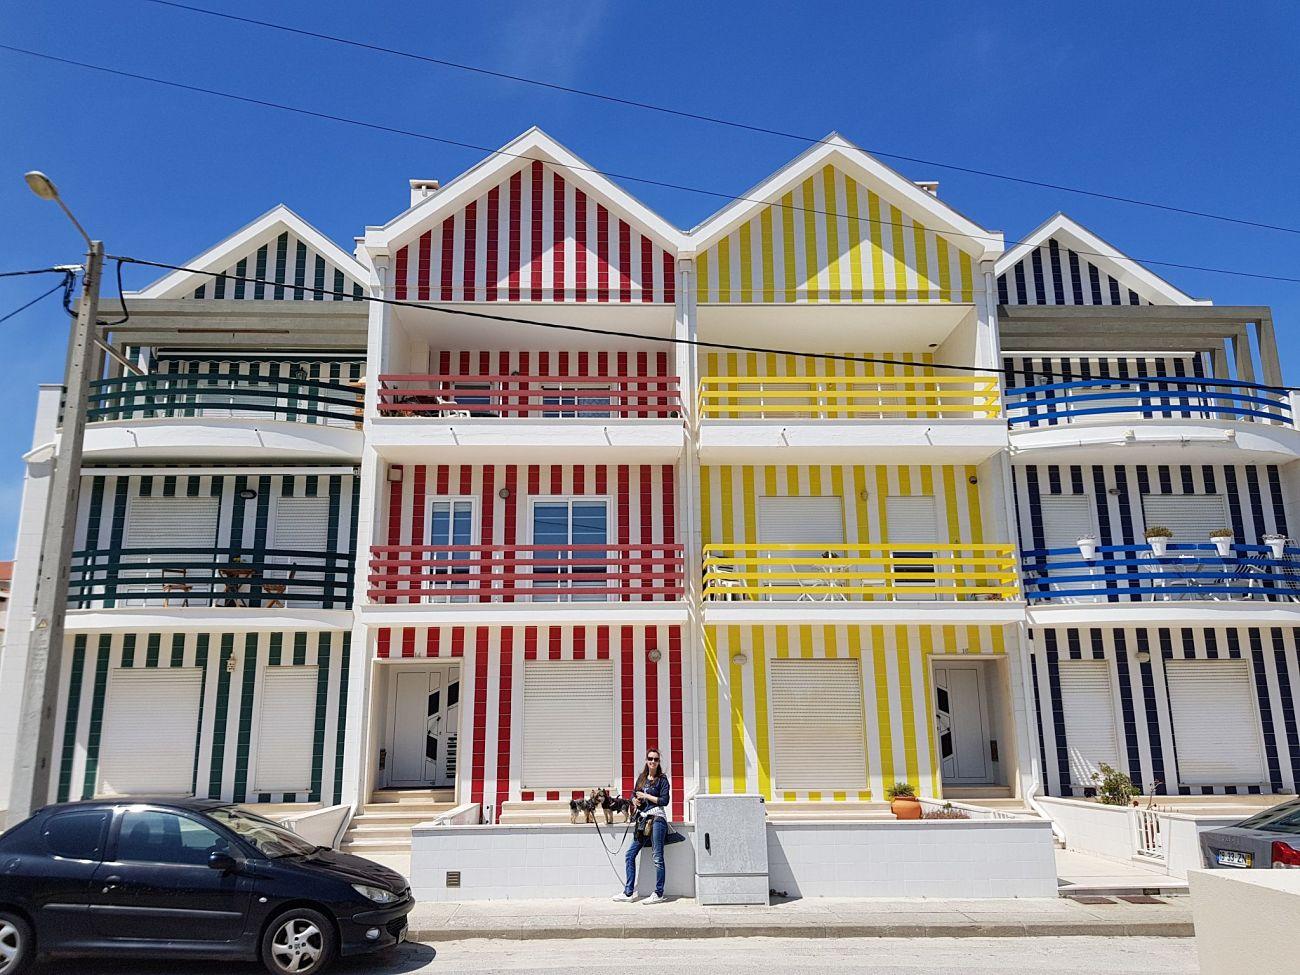 Casas Aveiro Playa Pekes Viajeros